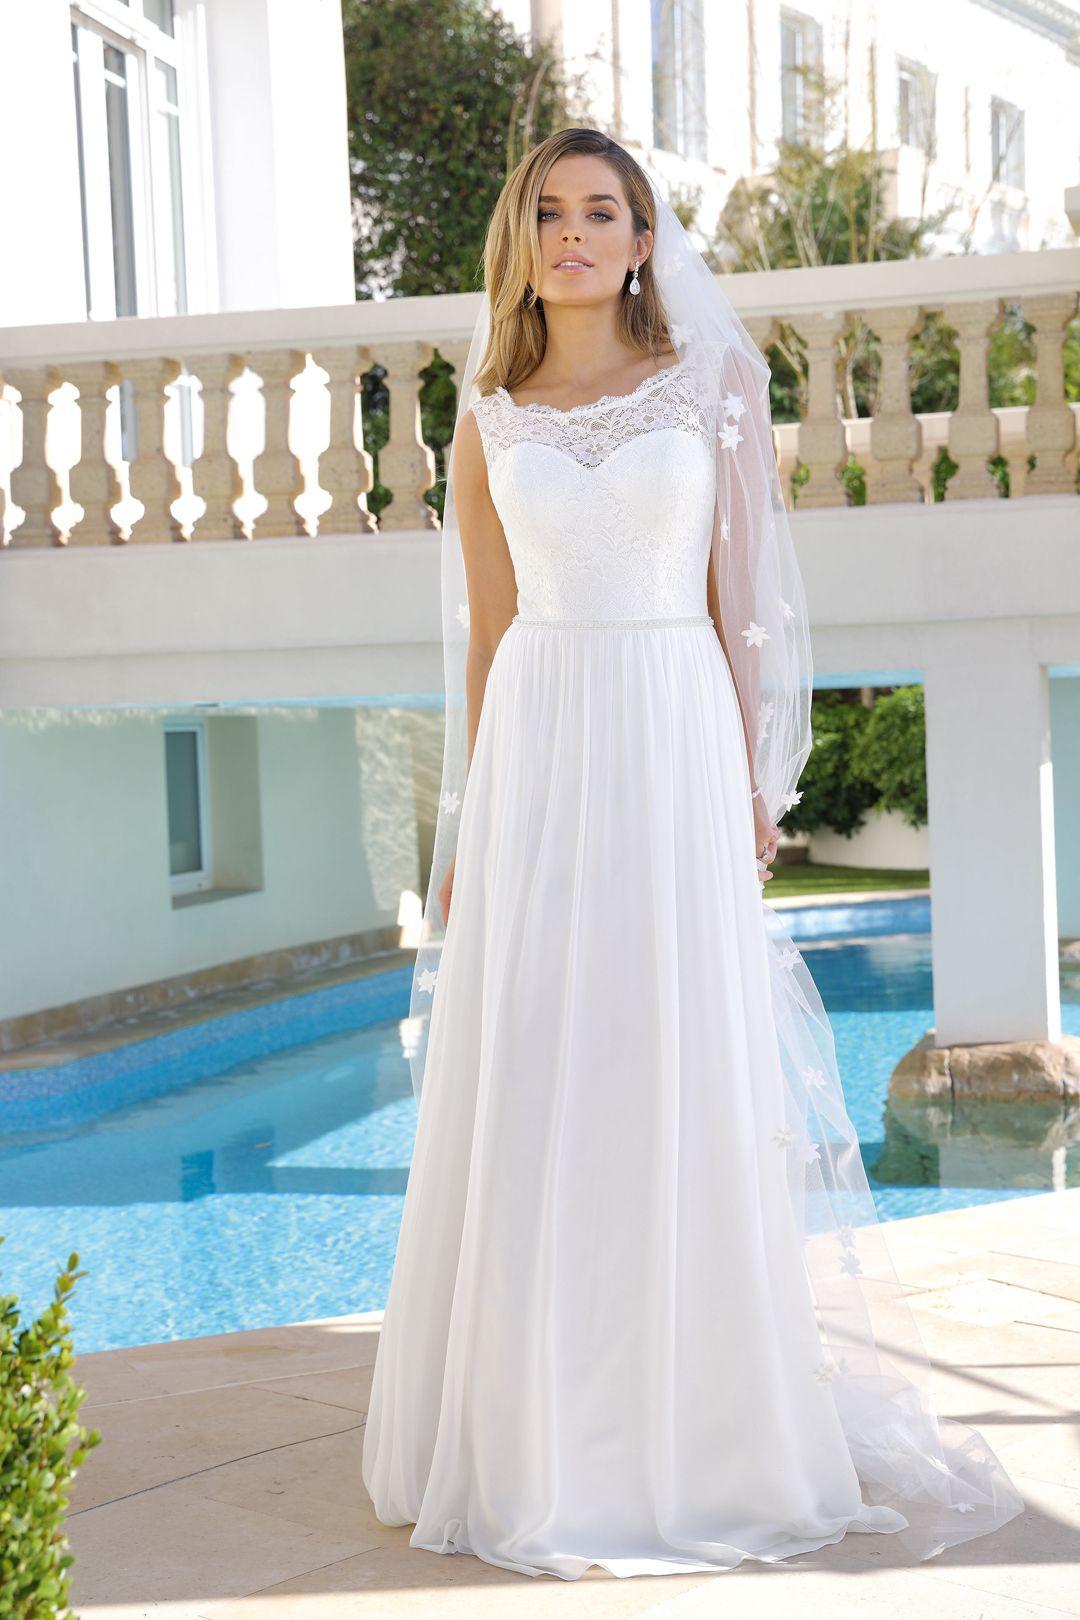 Ladybird 2019 Brautkleid  519024  Kleid Hochzeit